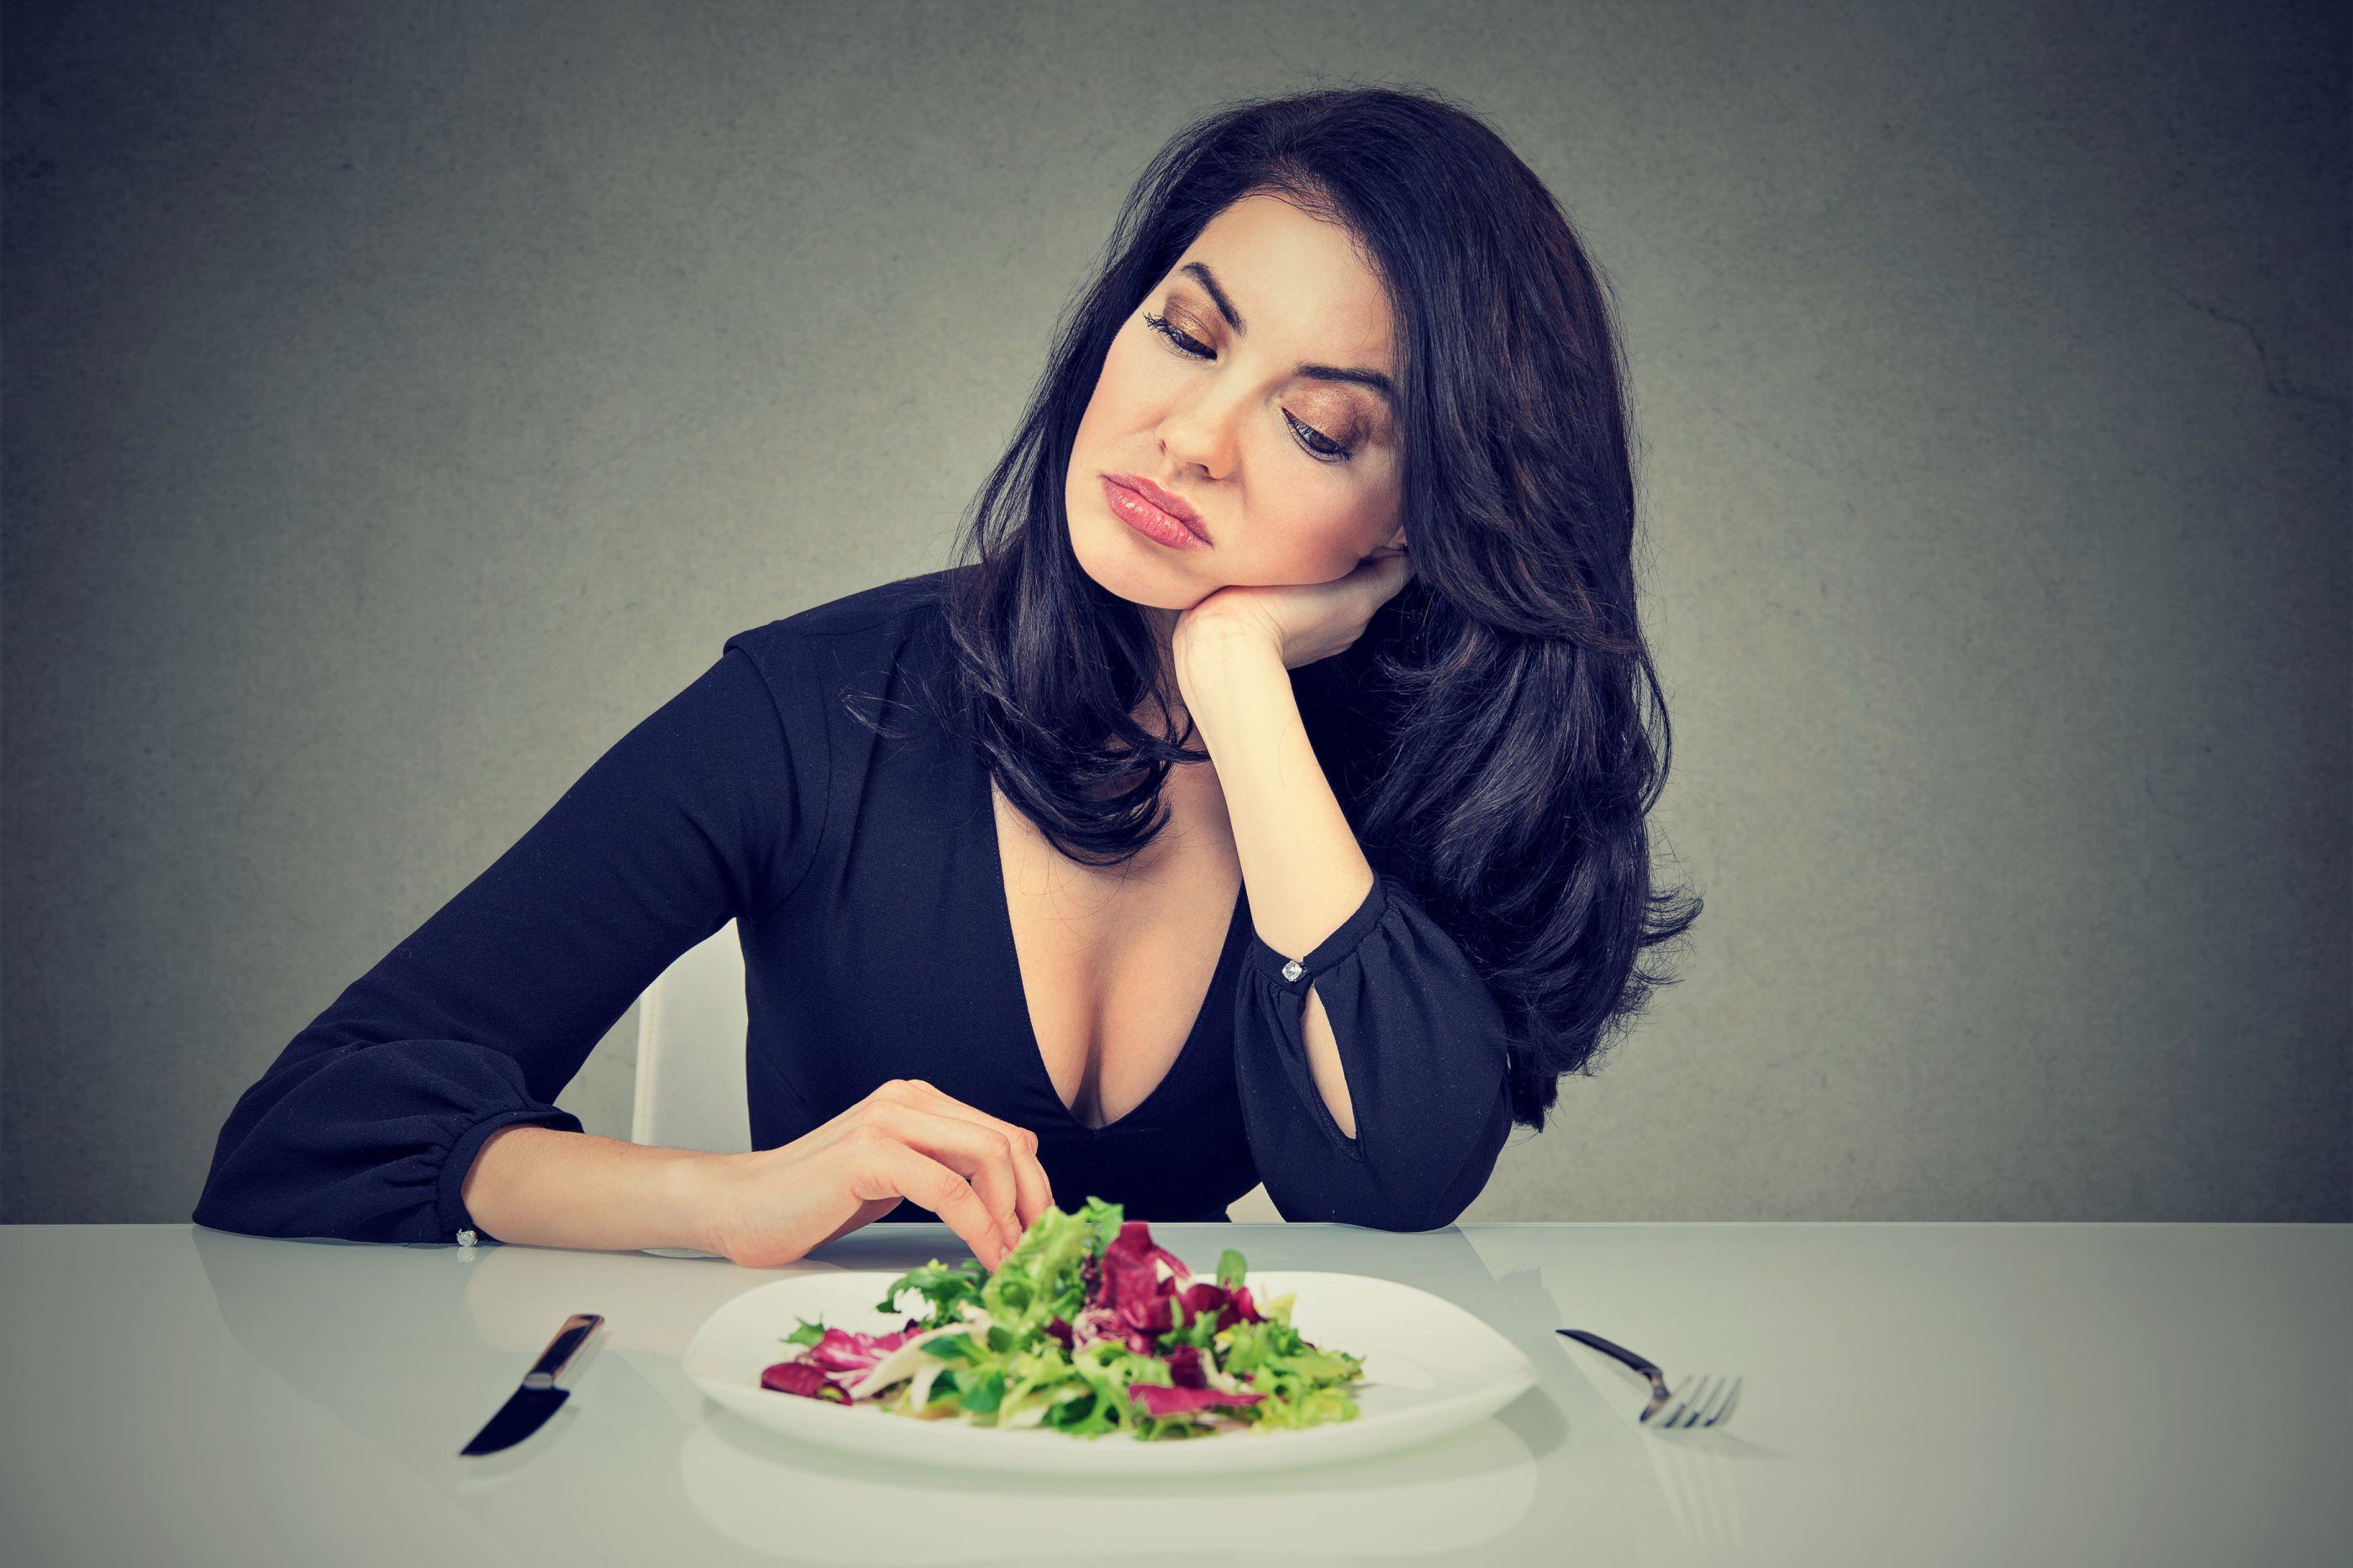 Estes quatro tipos de personalidade têm mais dificuldade em perder peso